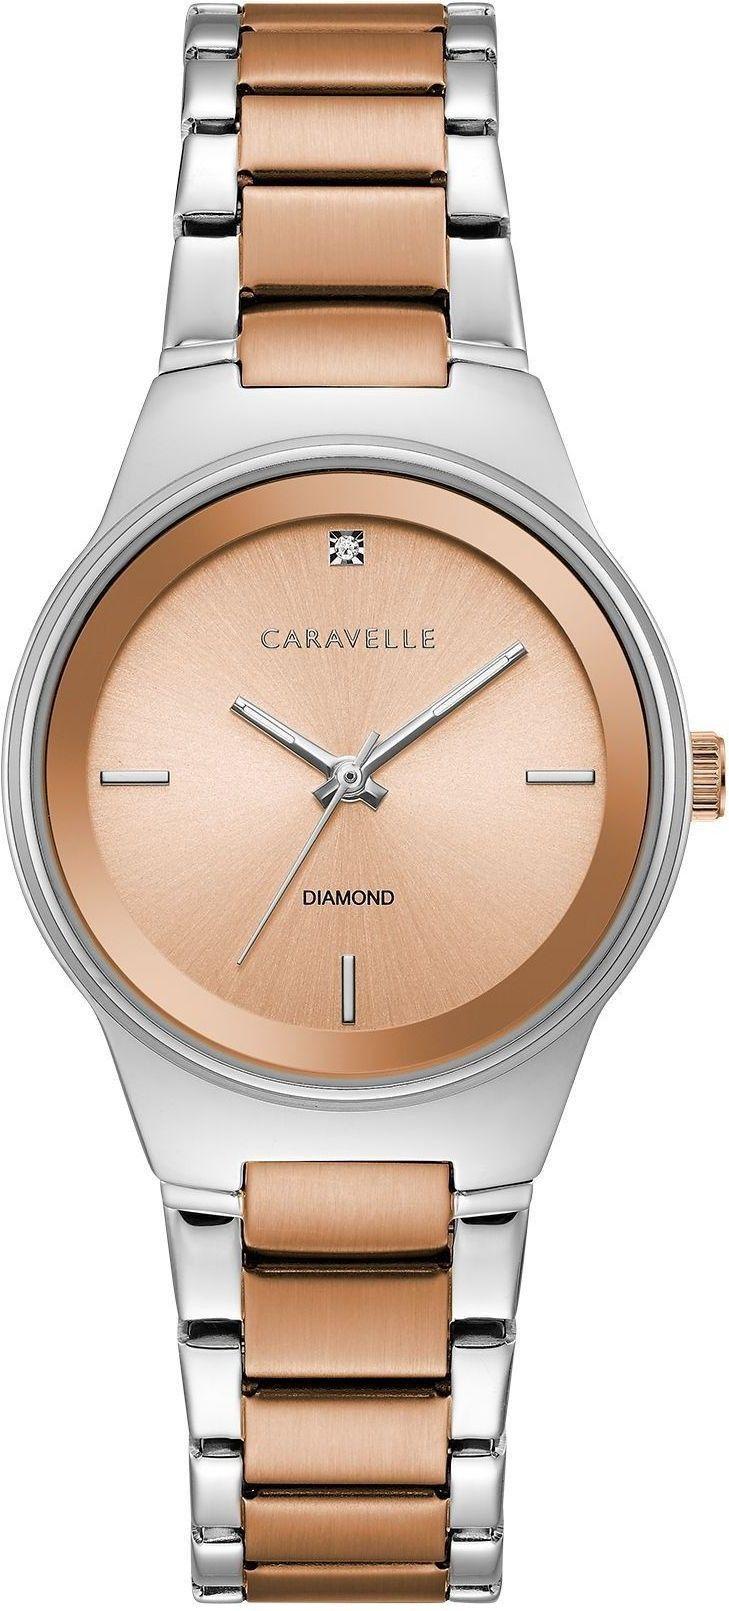 Zegarek Caravelle 45P109 - CENA DO NEGOCJACJI - DOSTAWA DHL GRATIS, KUPUJ BEZ RYZYKA - 100 dni na zwrot, możliwość wygrawerowania dowolnego tekstu.